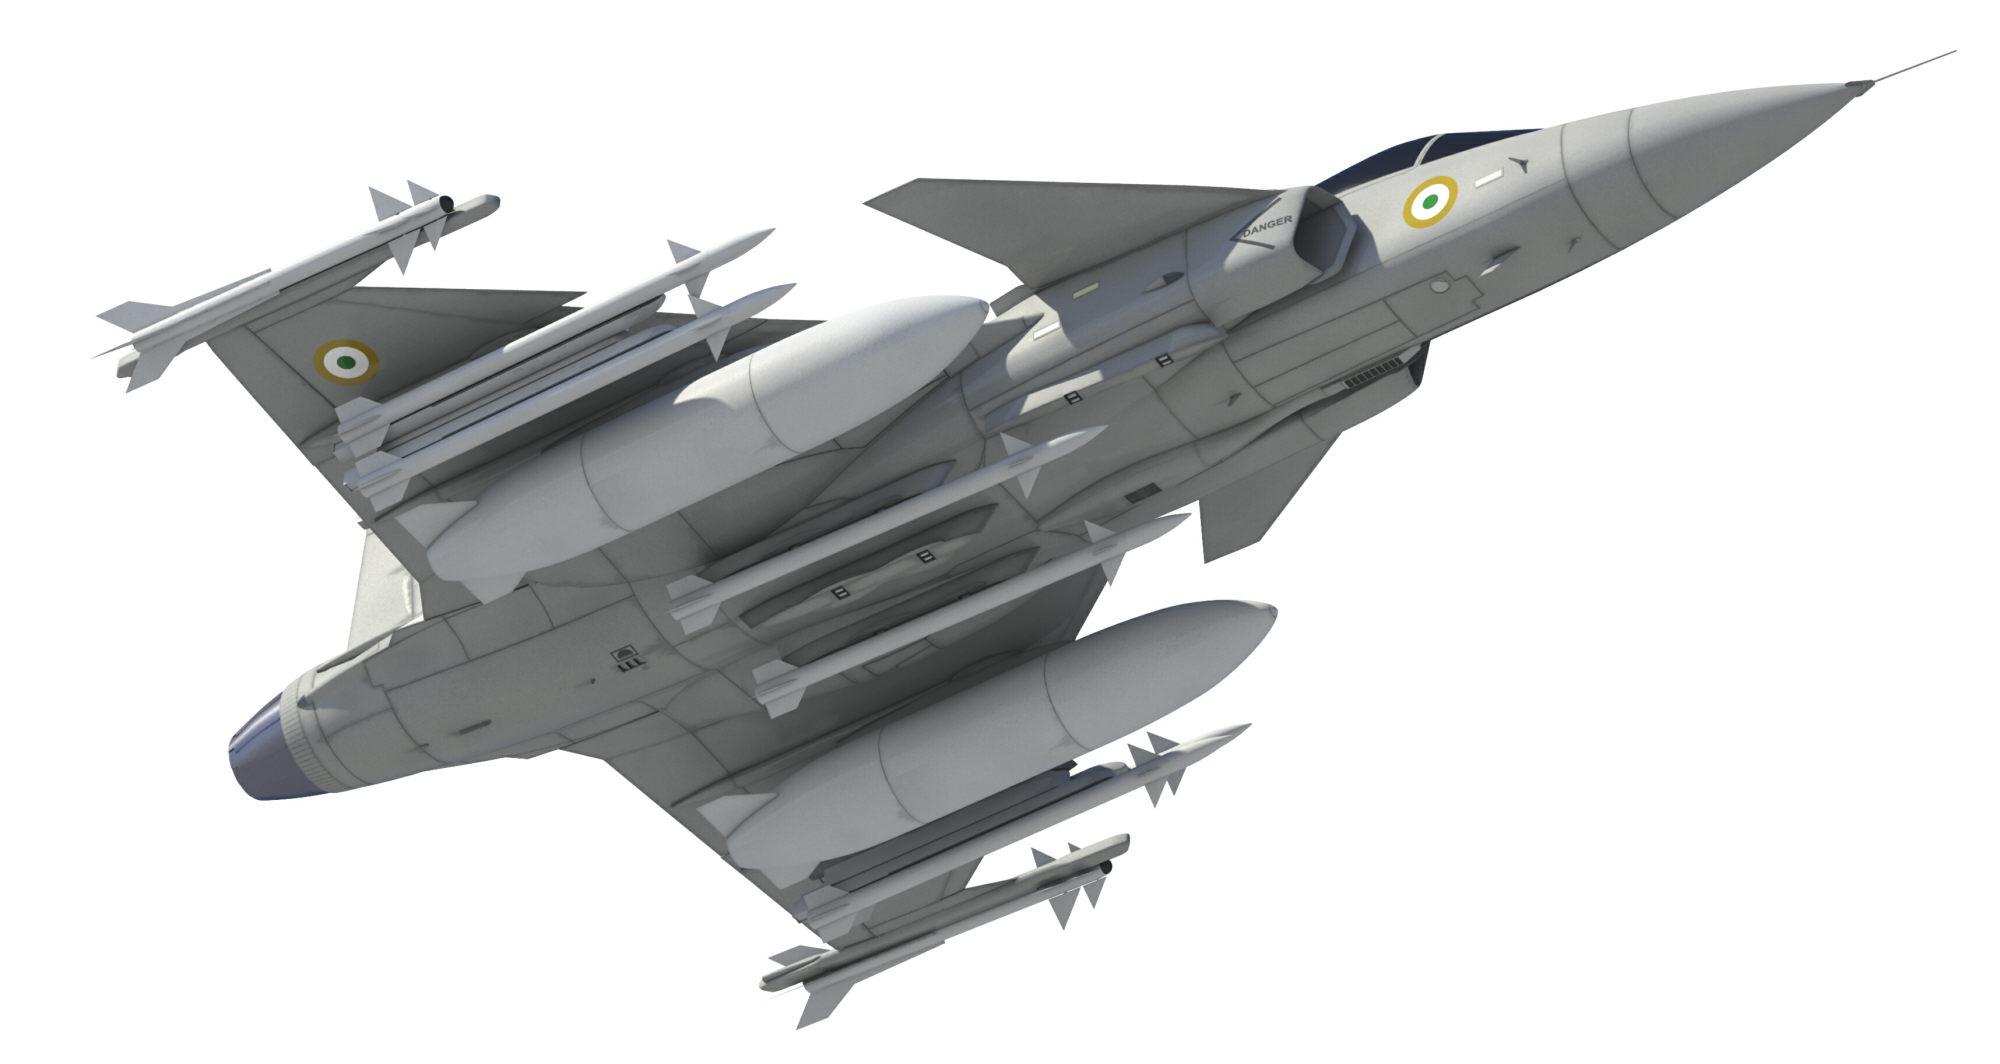 http://www.aereo.jor.br/wp-content/uploads/2010/07/Gripen-NG-3.jpg